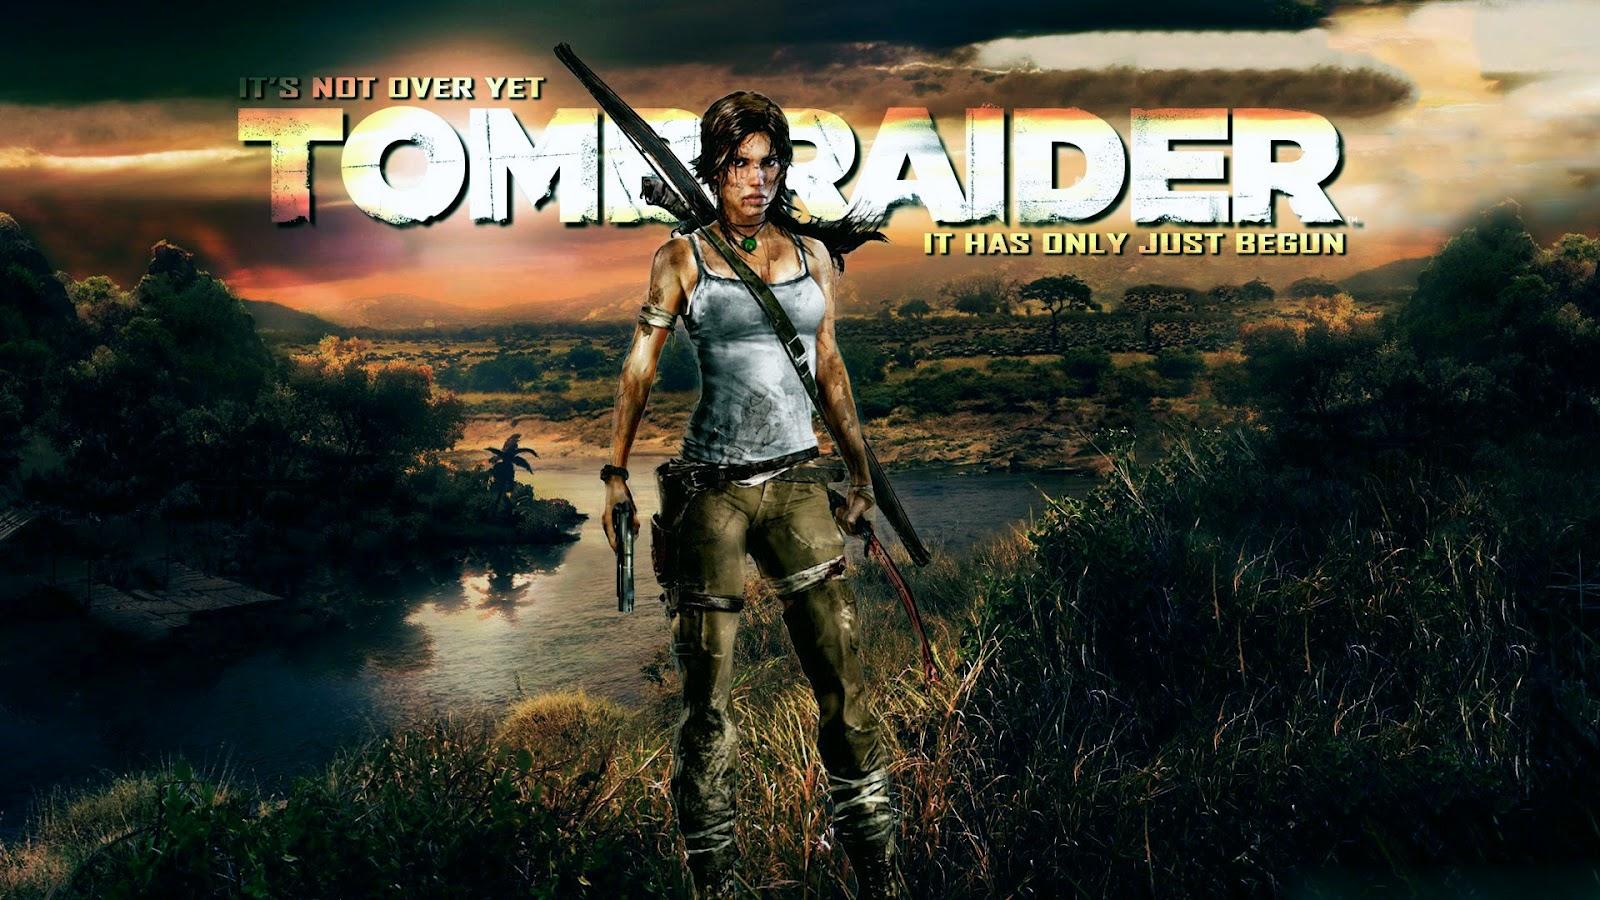 http://4.bp.blogspot.com/-pRRP6MdtU0c/UBCqedaQFmI/AAAAAAAAB4M/vUNev5w8WlM/s1600/Tomb-Raider-2012-tomb-raider-2012-eaf5274b3a-1920x1080.jpg